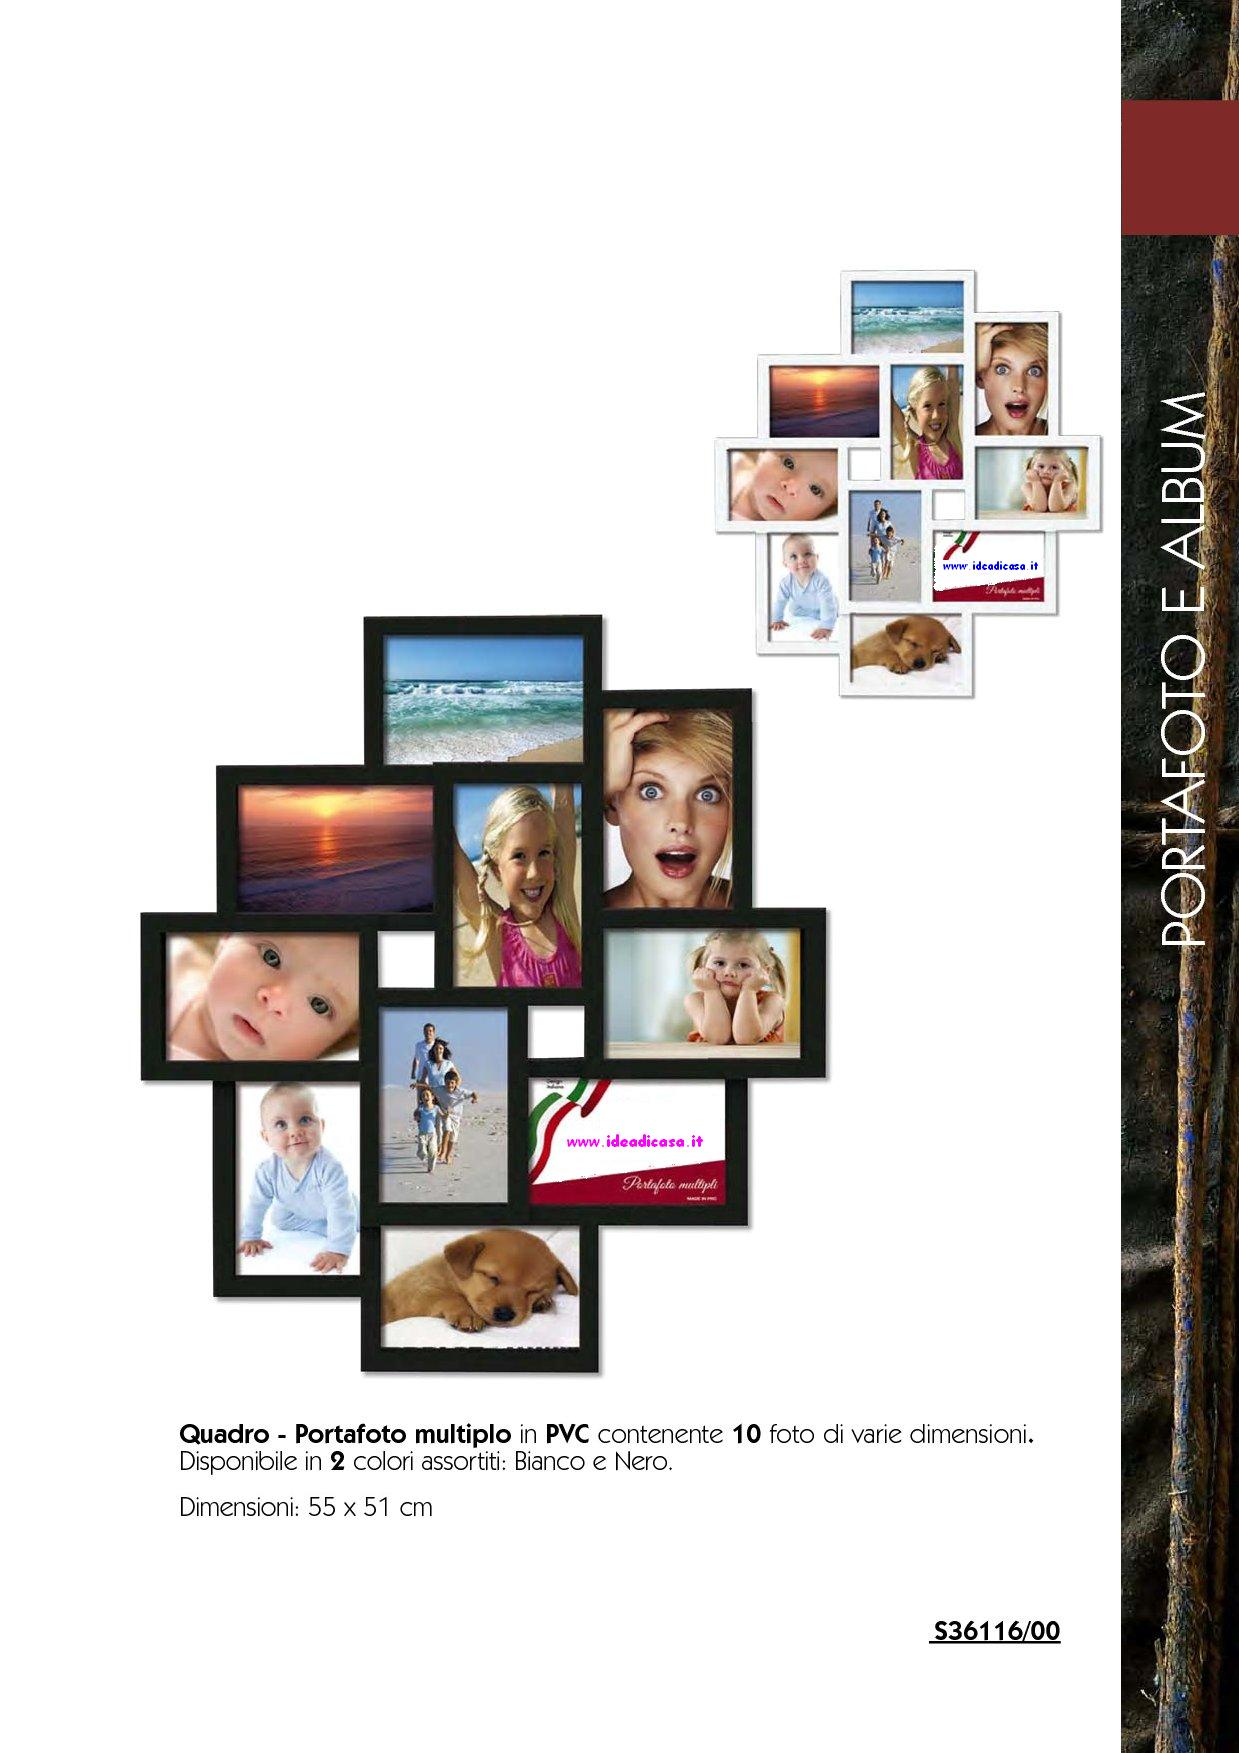 quadro portafoto multiplo in pvc idea di casa arredo